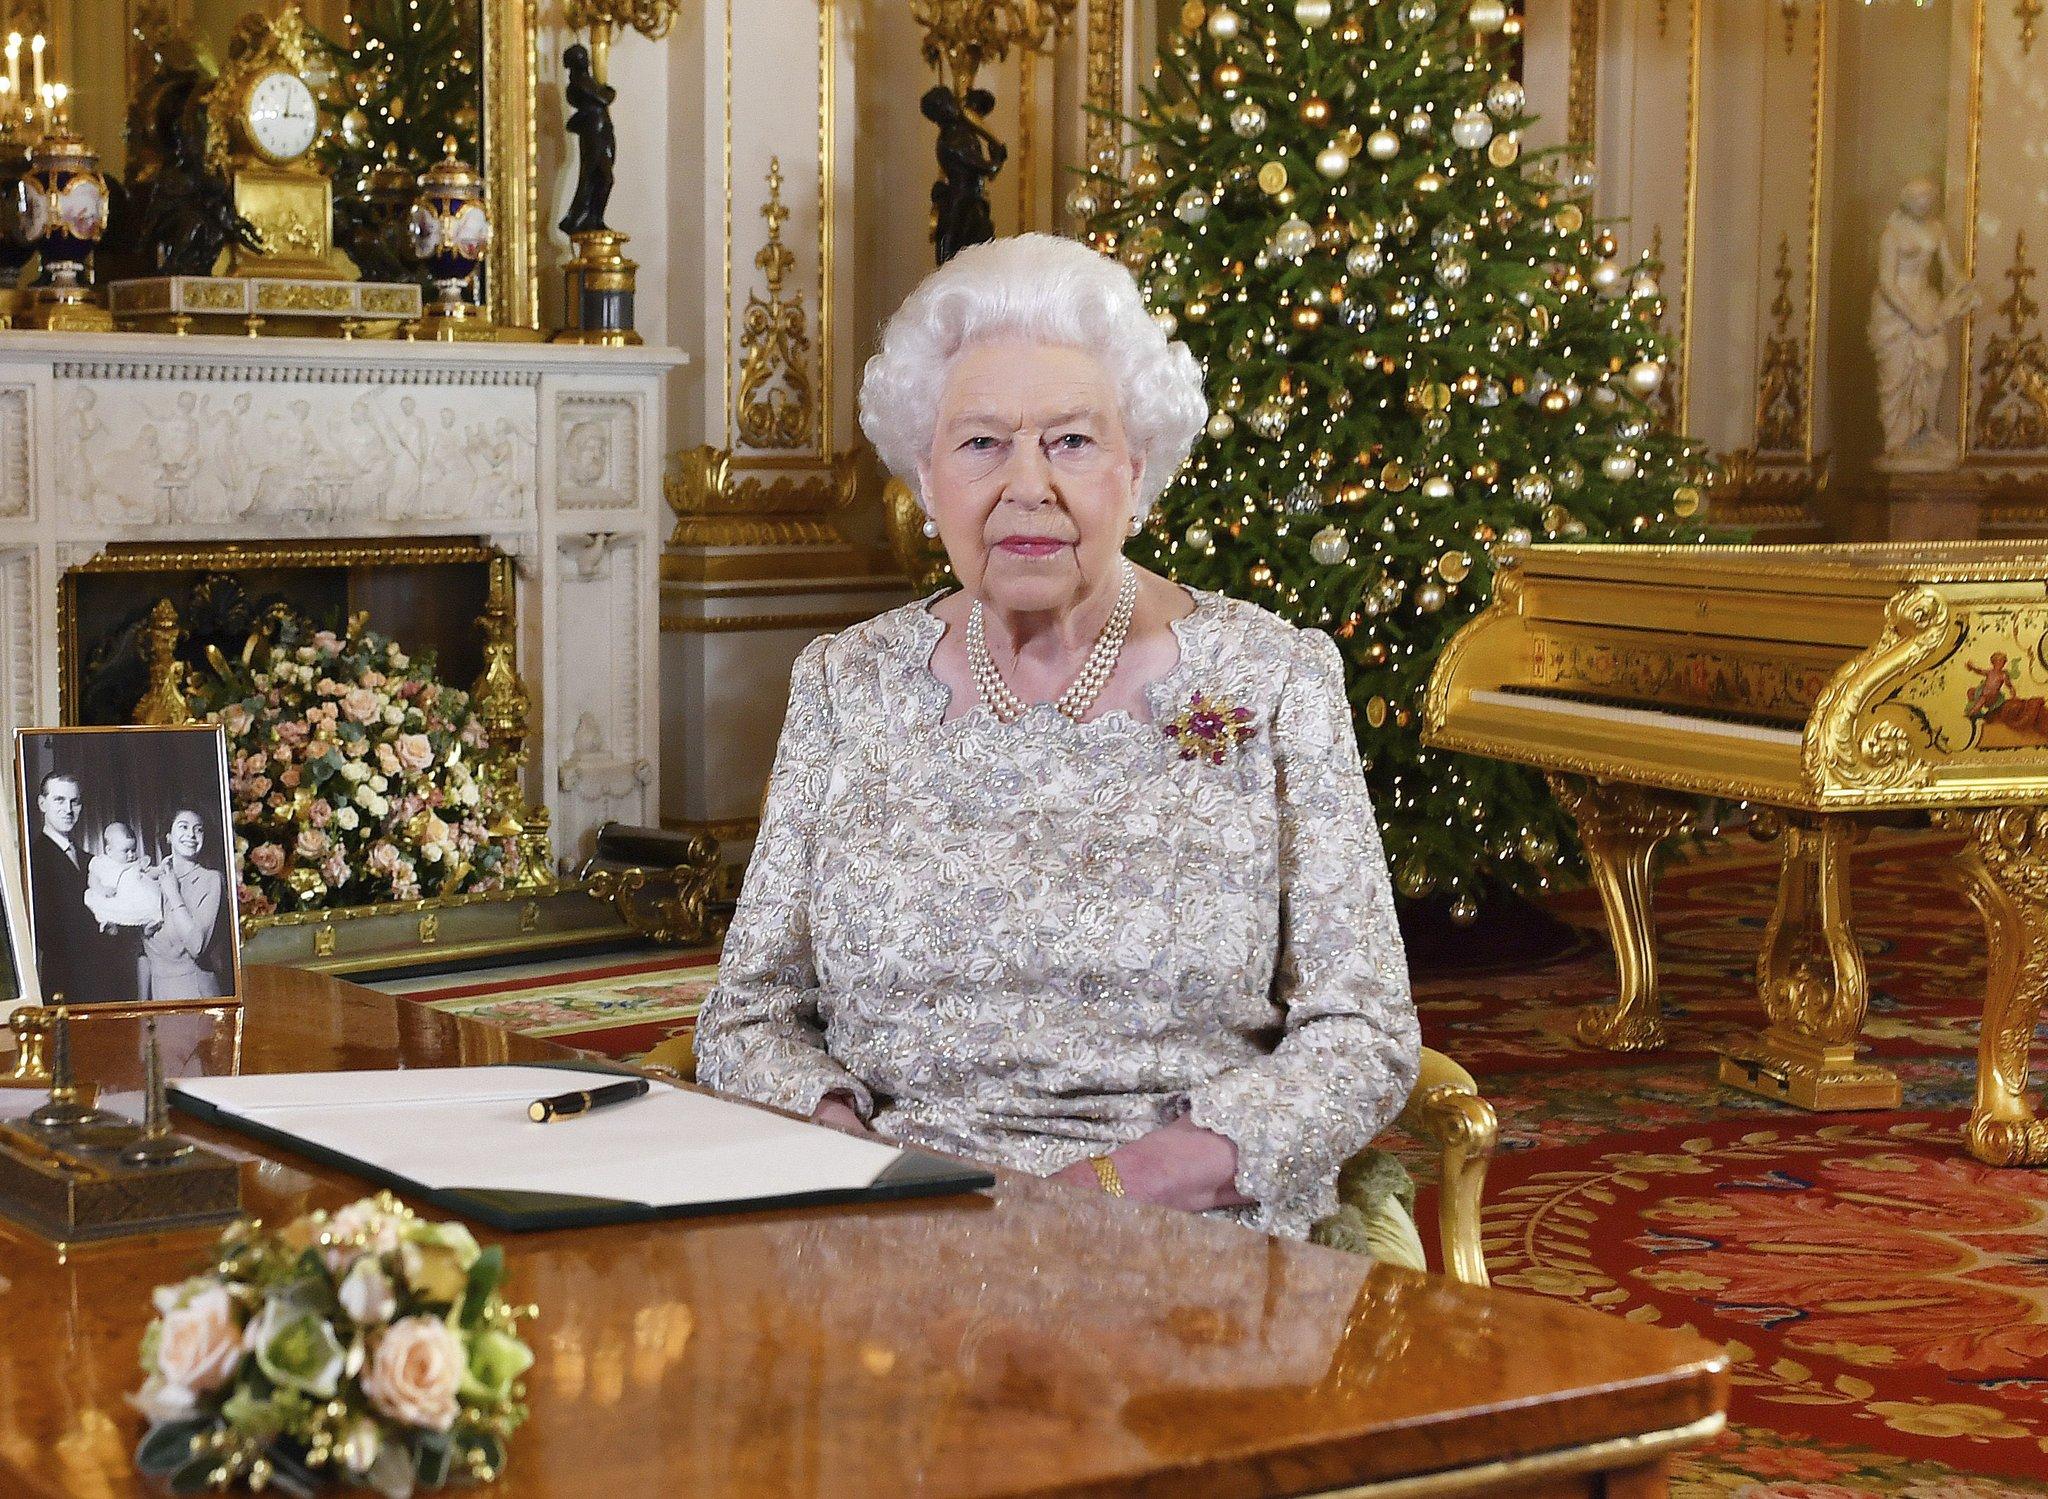 Nem aratott osztatlan sikert, hogy II. Erzsébet karácsonyi beszédében egy aranyozott zongora elől beszélt a szegénységről és a megszorításokról